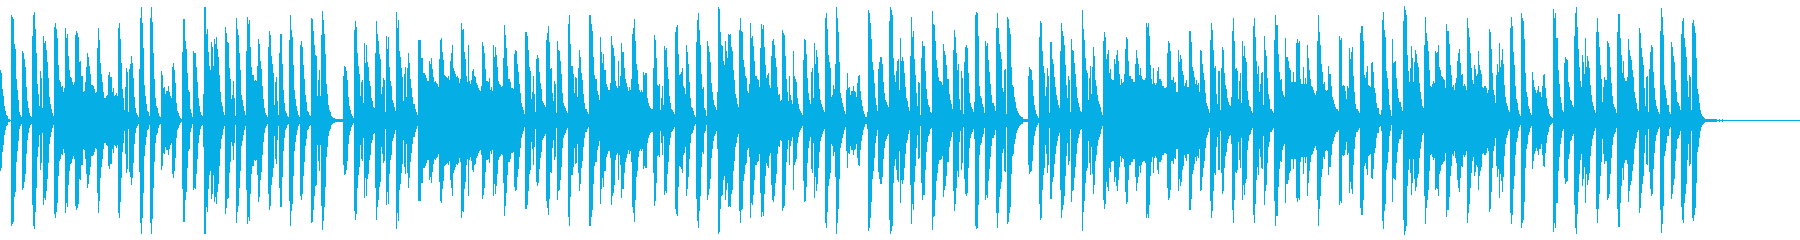 【メロディ・ドラム・ベース抜き】ほのぼ…の再生済みの波形